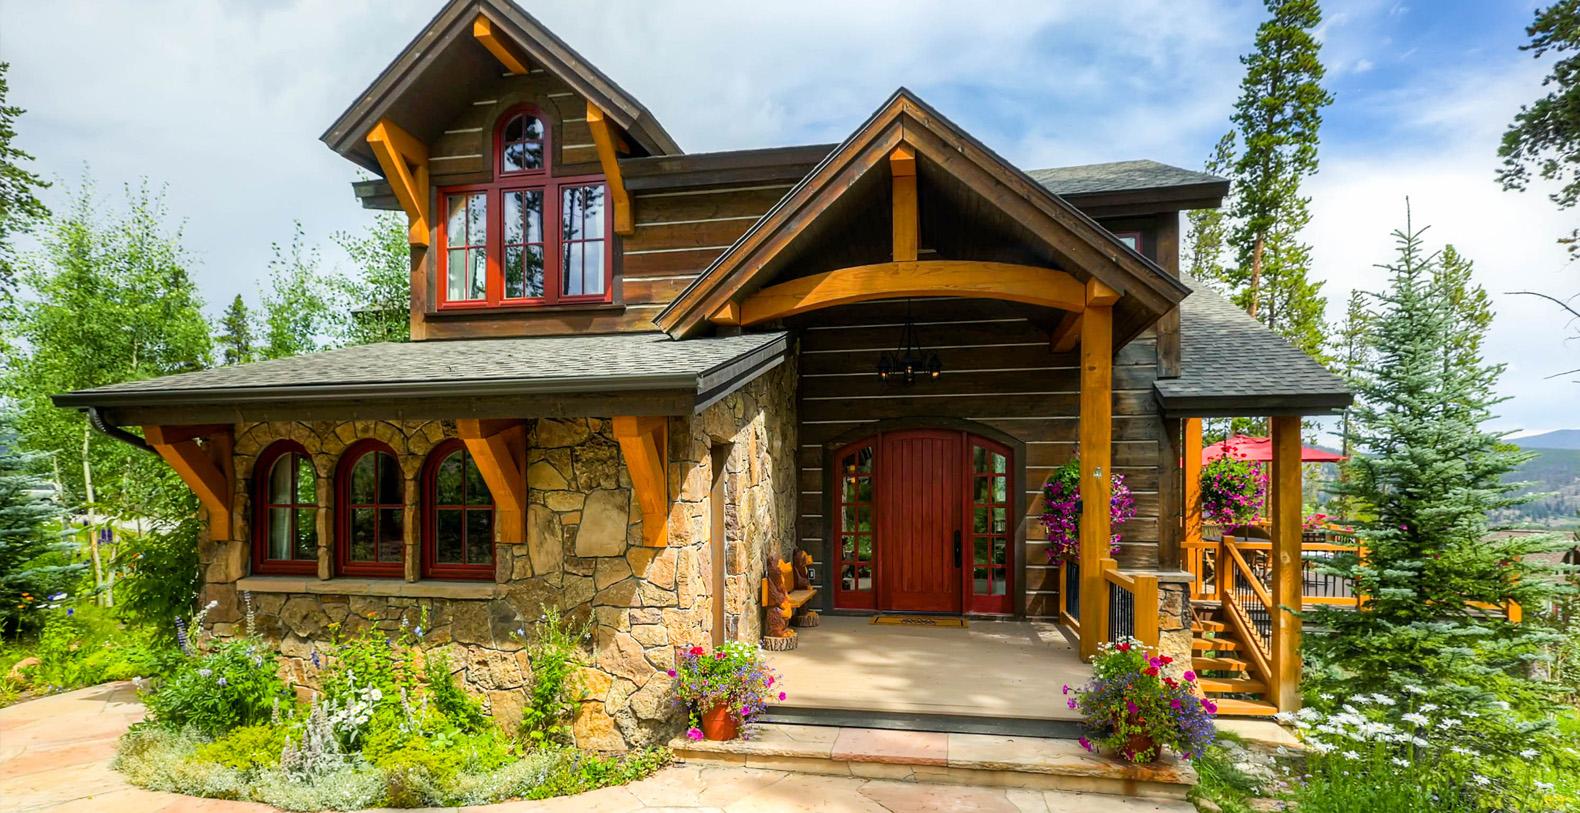 Colorado Vacation Rentals - Aspen Chalet Rentals - Luxury